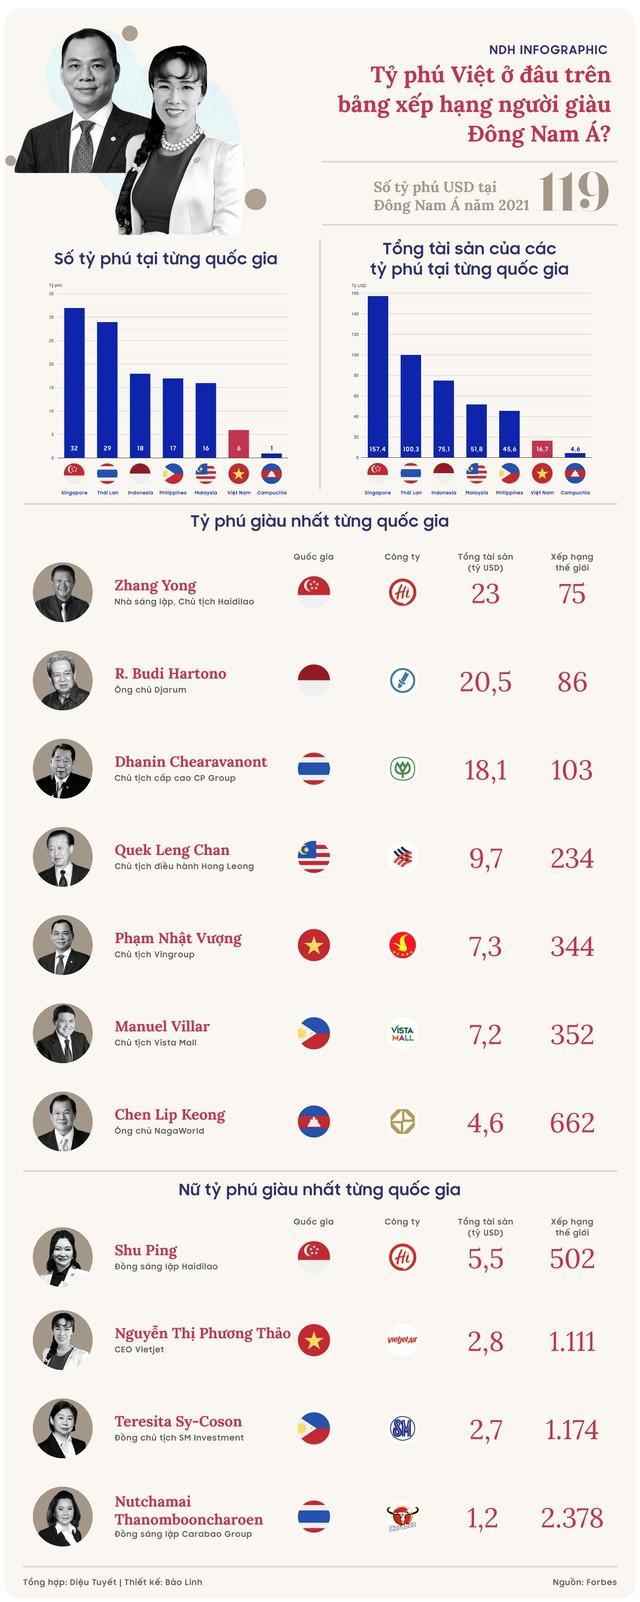 Tỷ phú Việt ở đâu trên bảng xếp hạng người giàu Đông Nam Á - Ảnh 1.